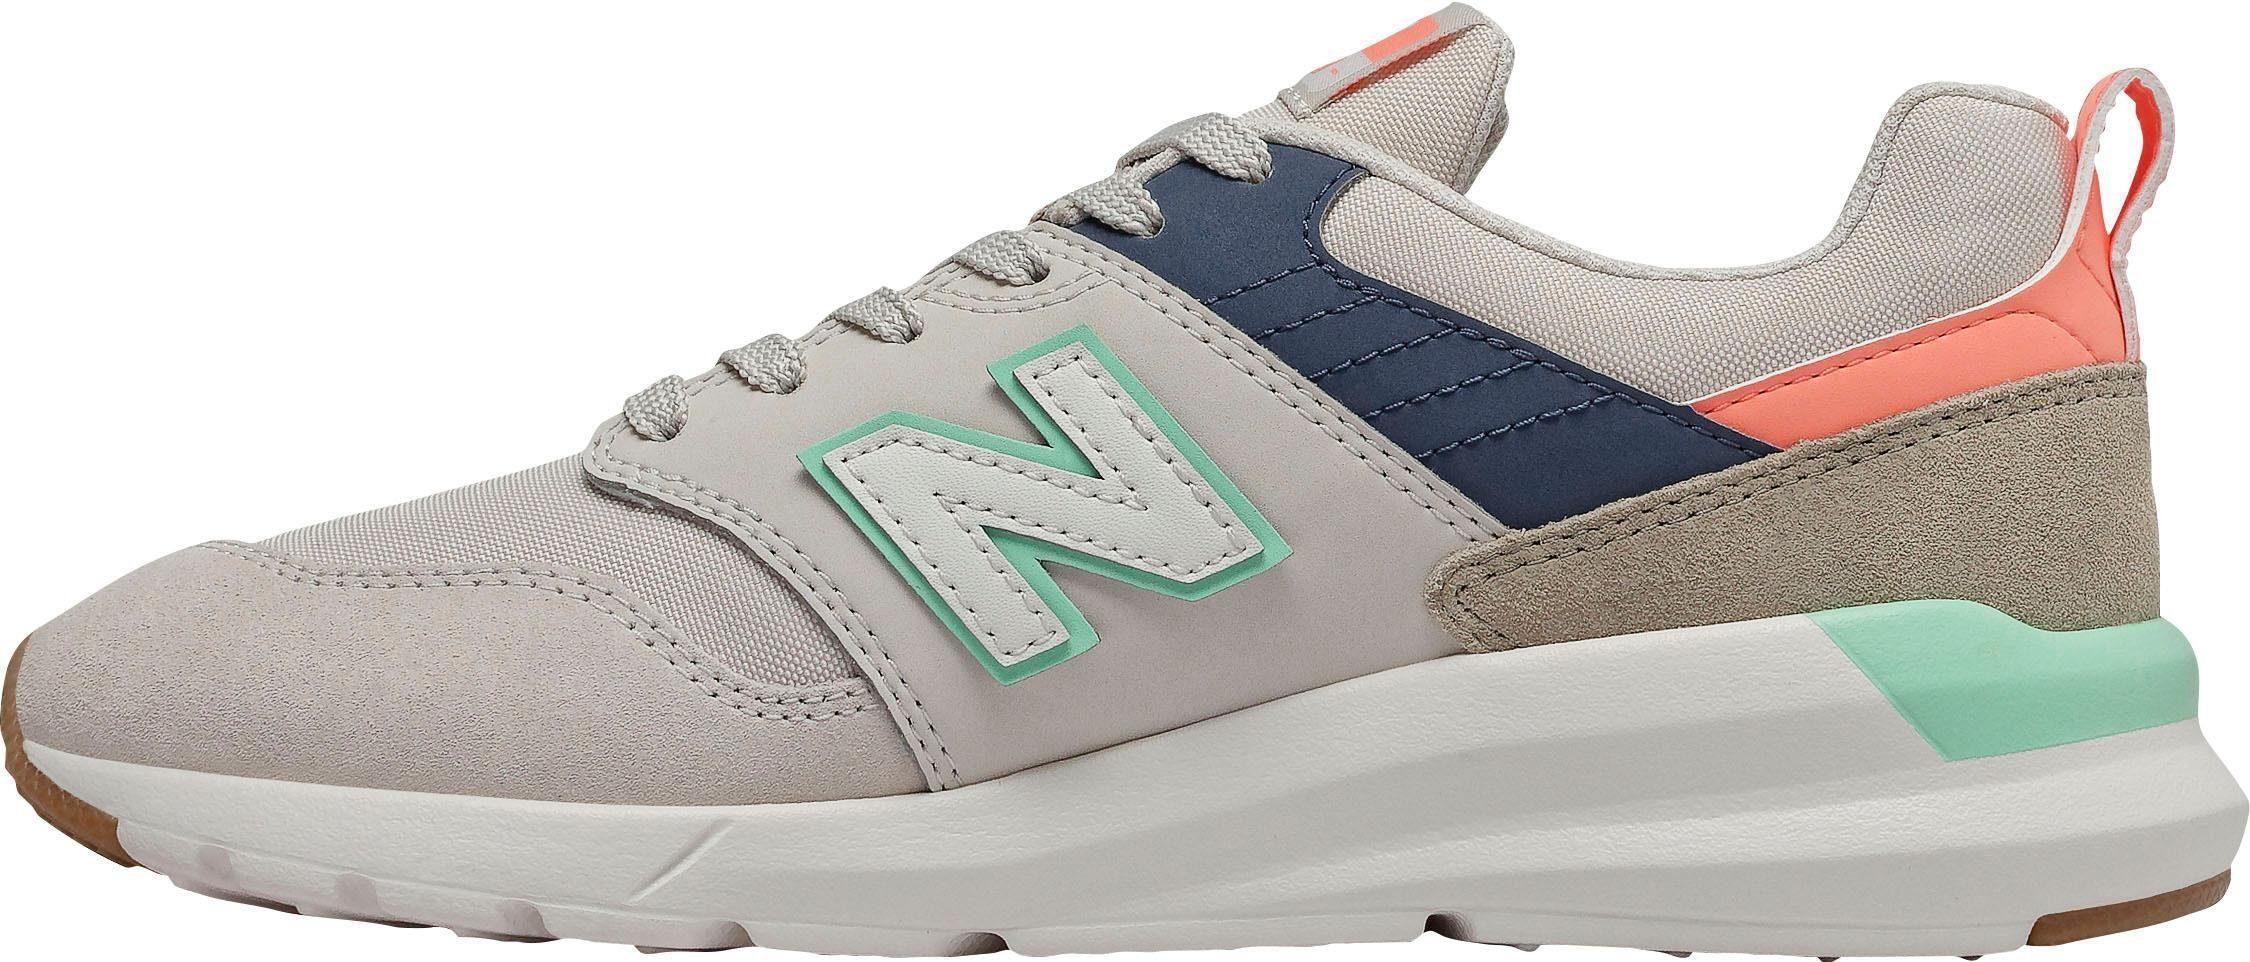 New Balance »WS009« Sneaker, Modischer Sneaker von New Balance online  kaufen | OTTO